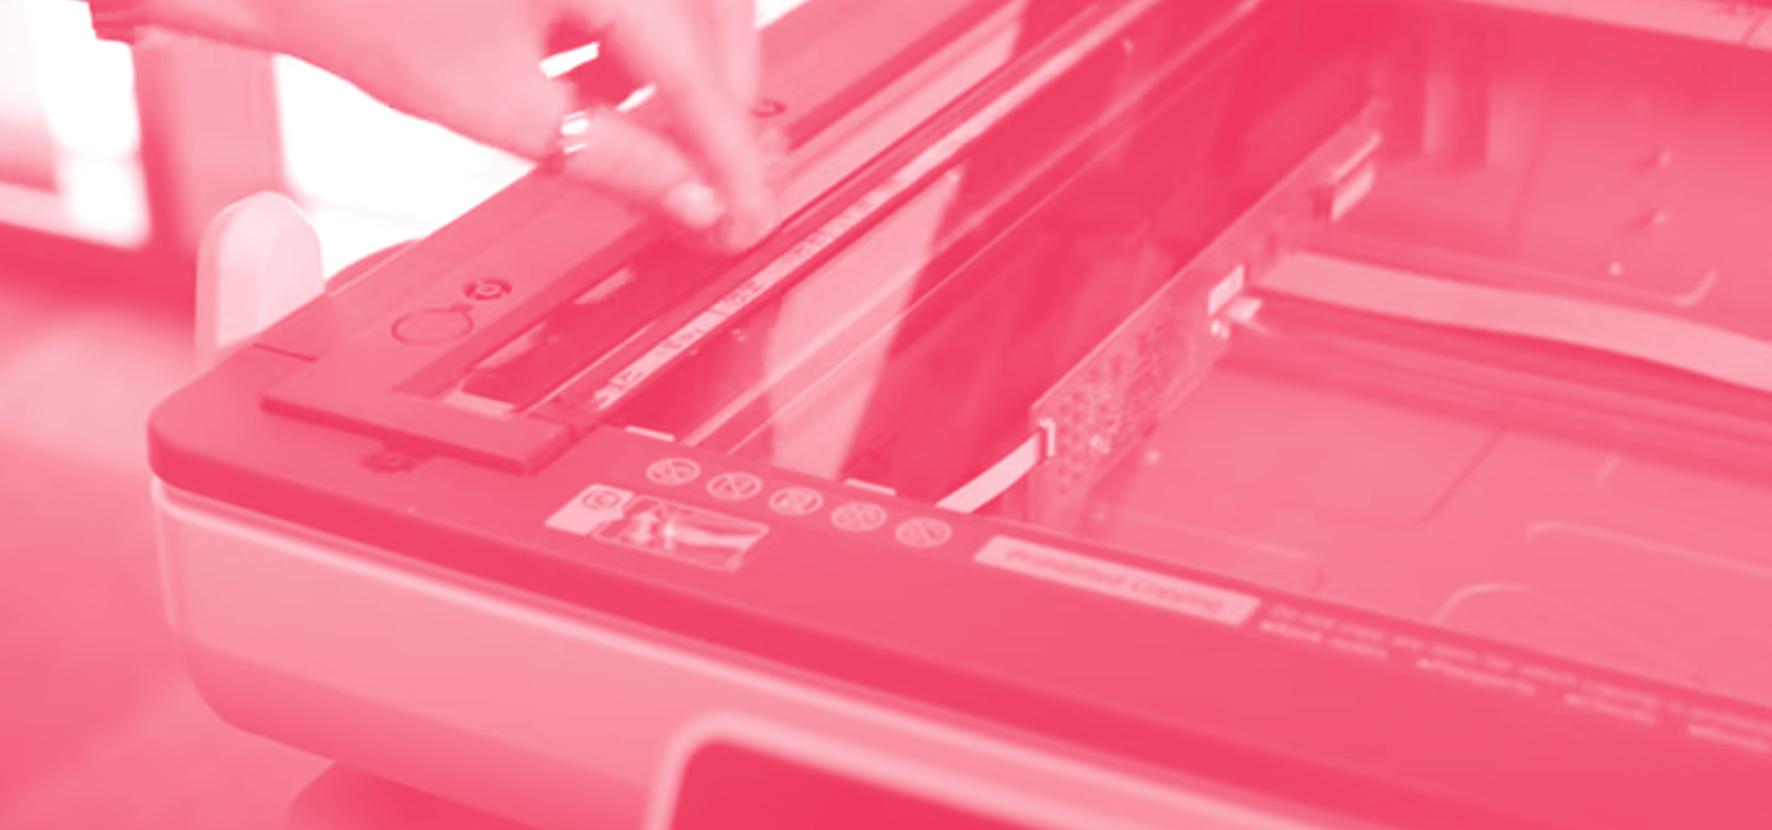 Cómo solucionar las manchas en la impresión | Ricoh